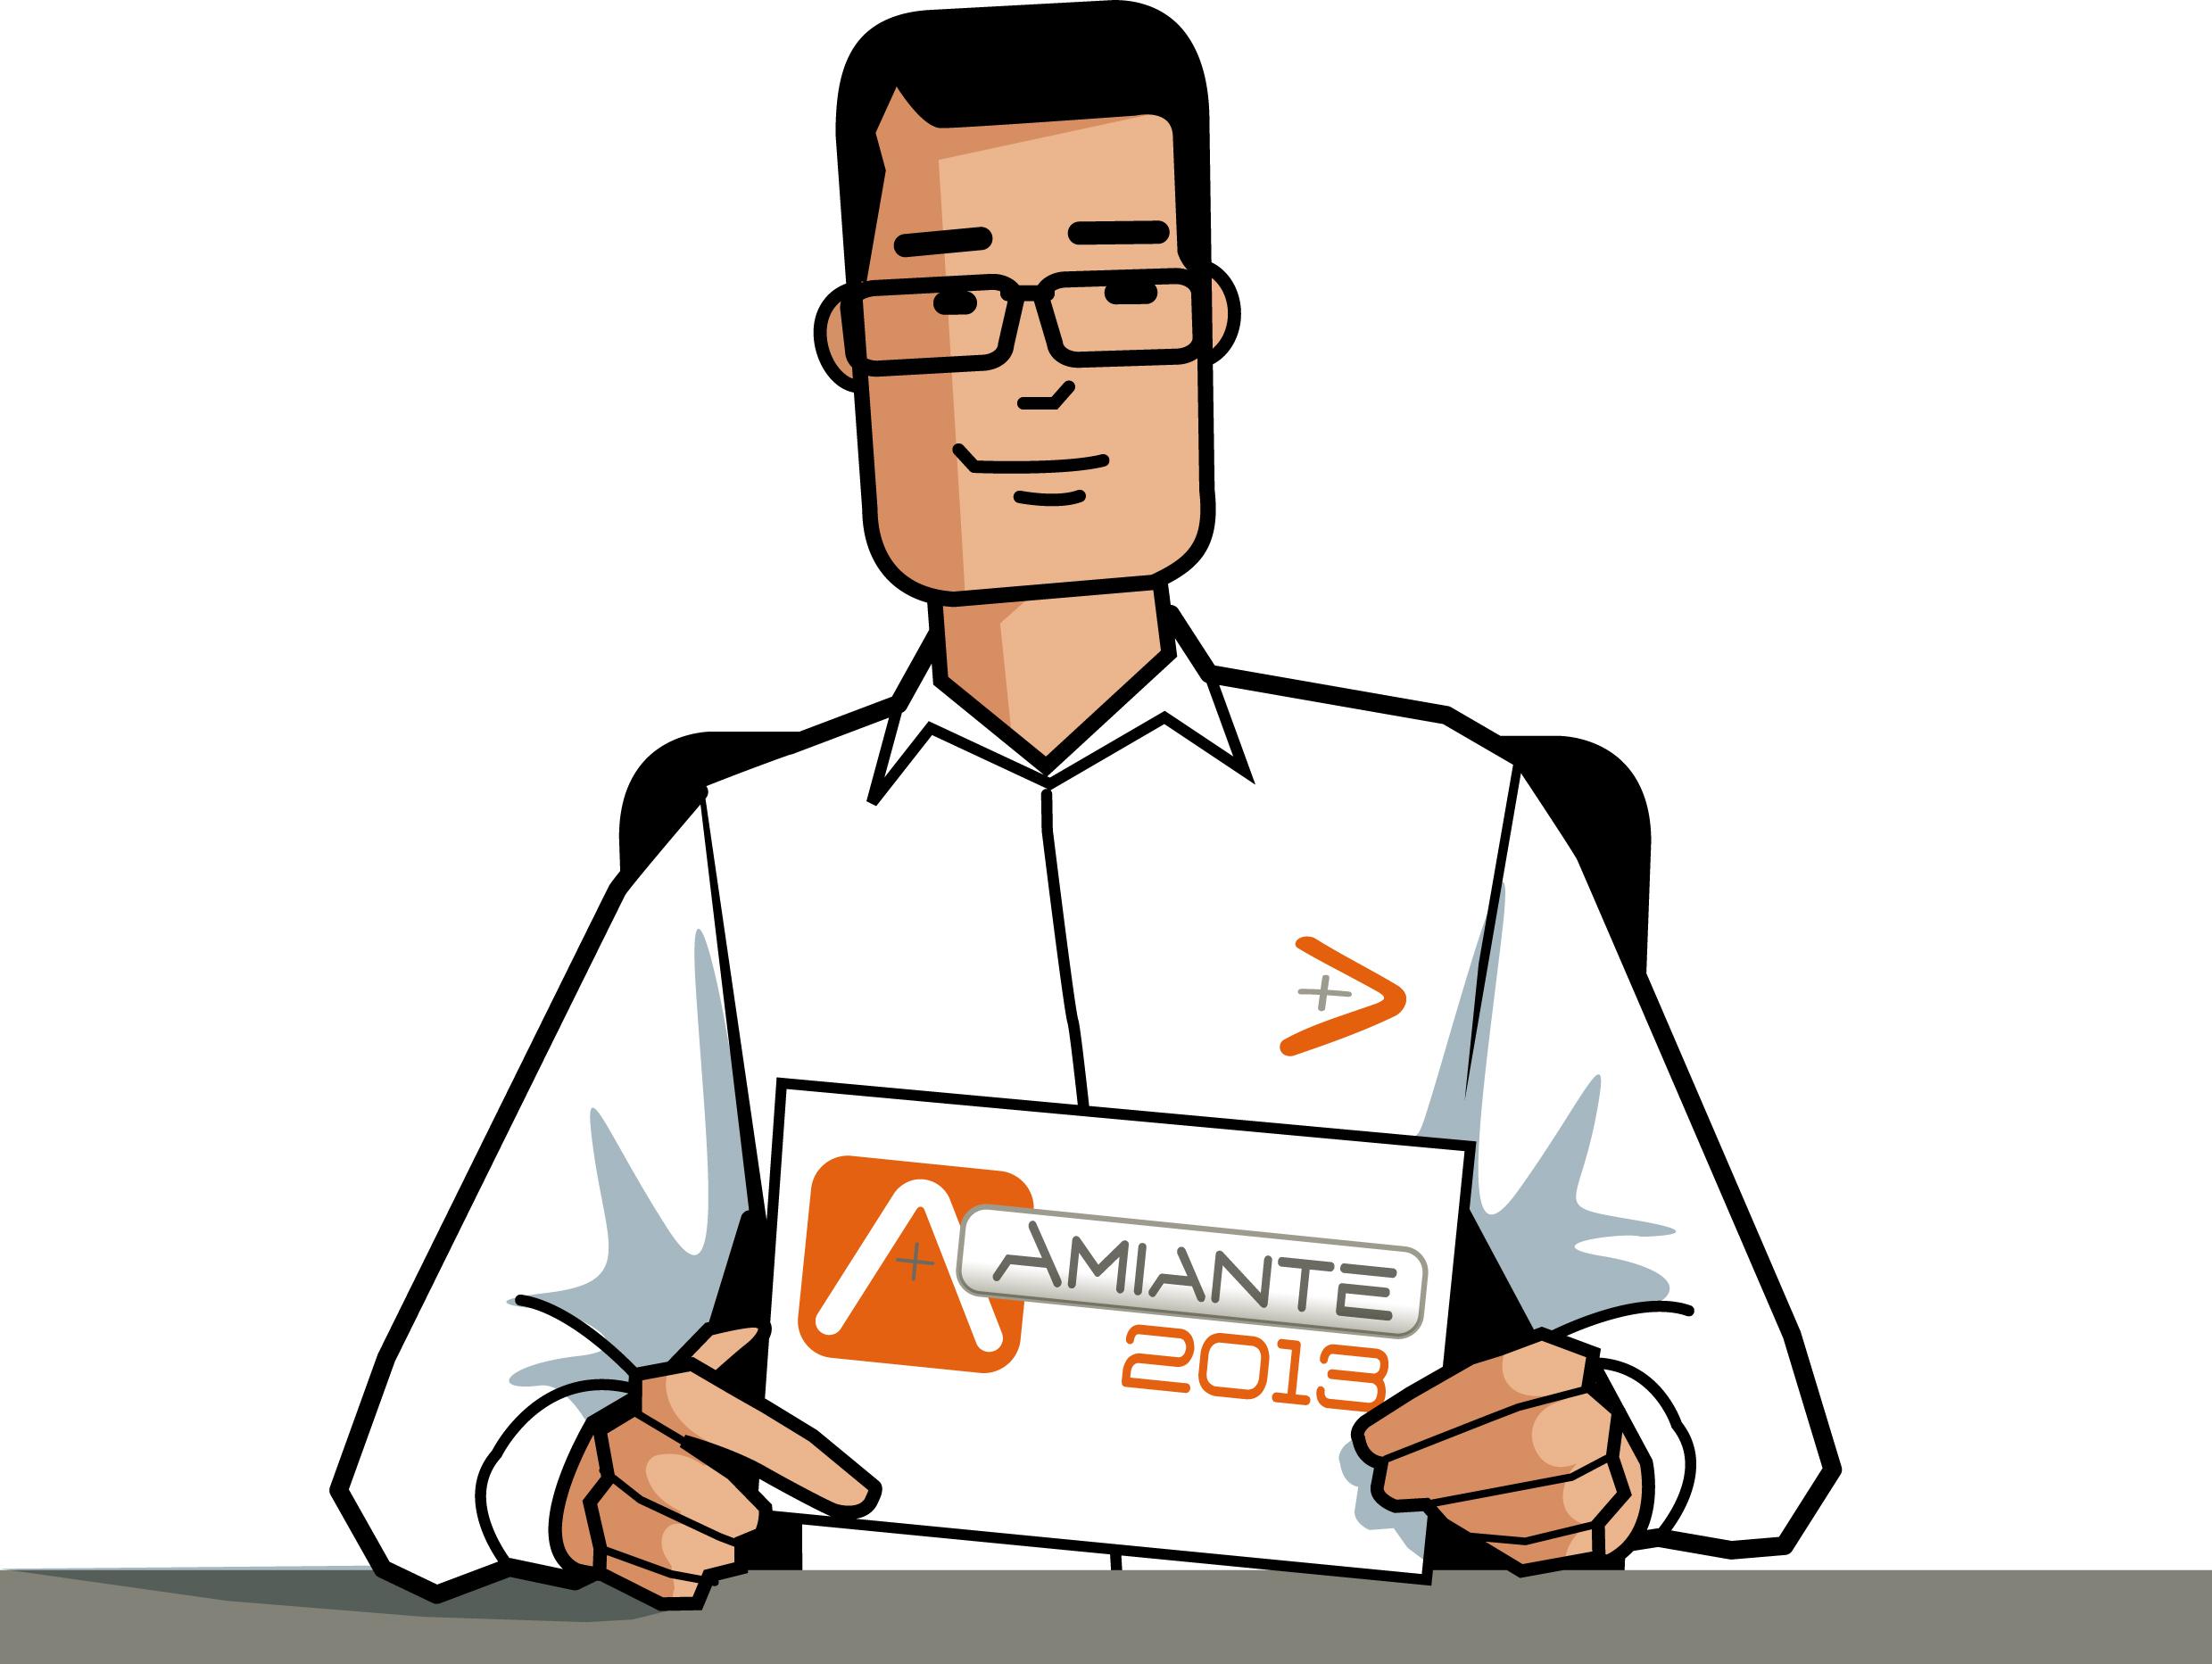 Diago de Diagamter présente les nouveautés réglementaires de l'amiante.